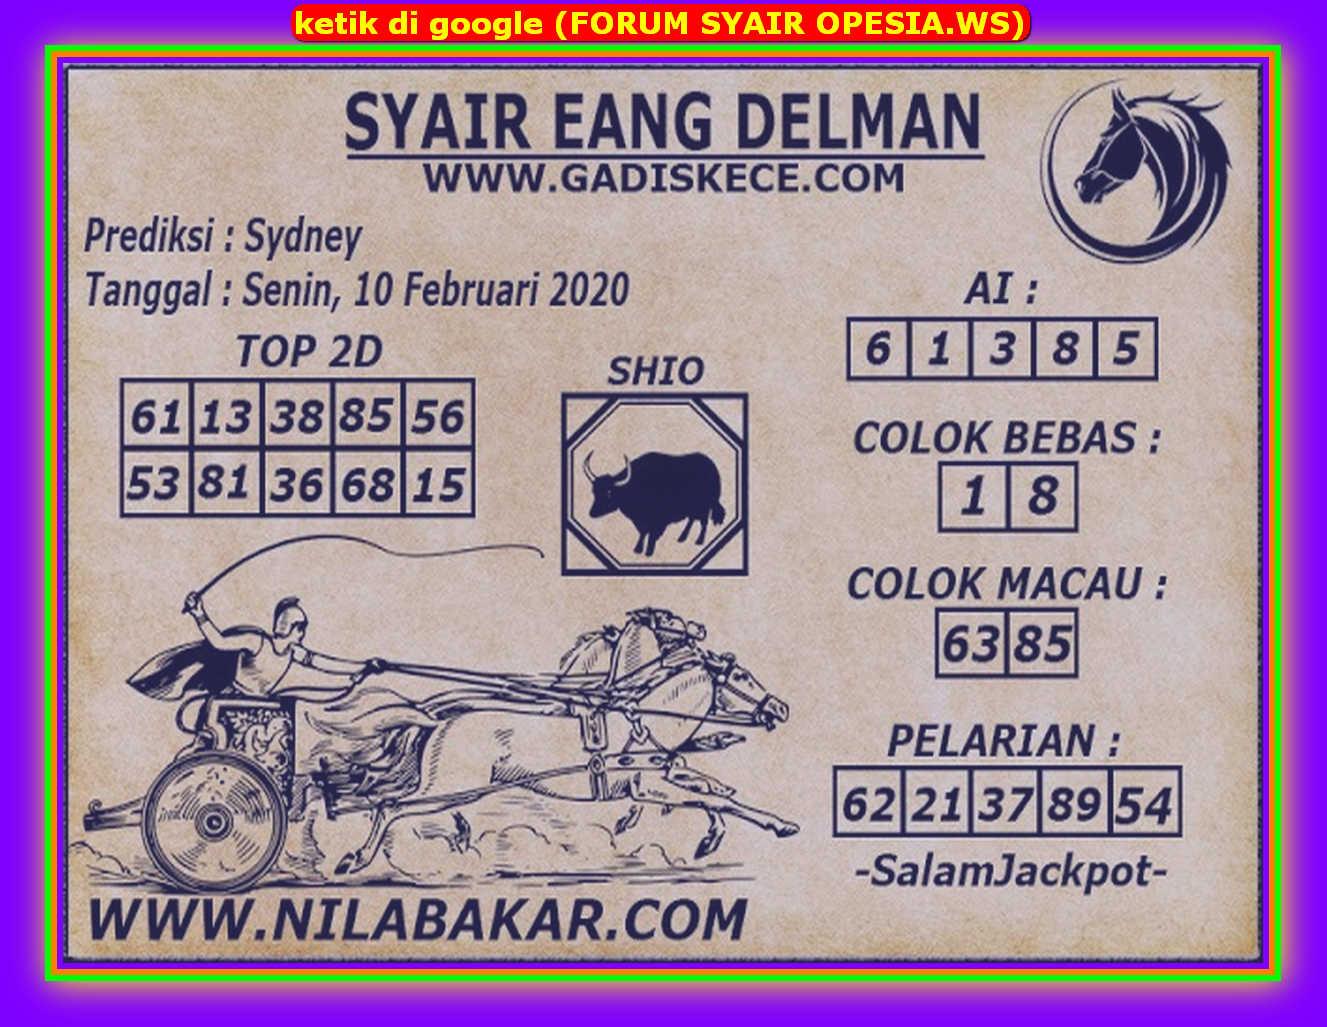 Kode syair Sydney Senin 10 Februari 2020 63